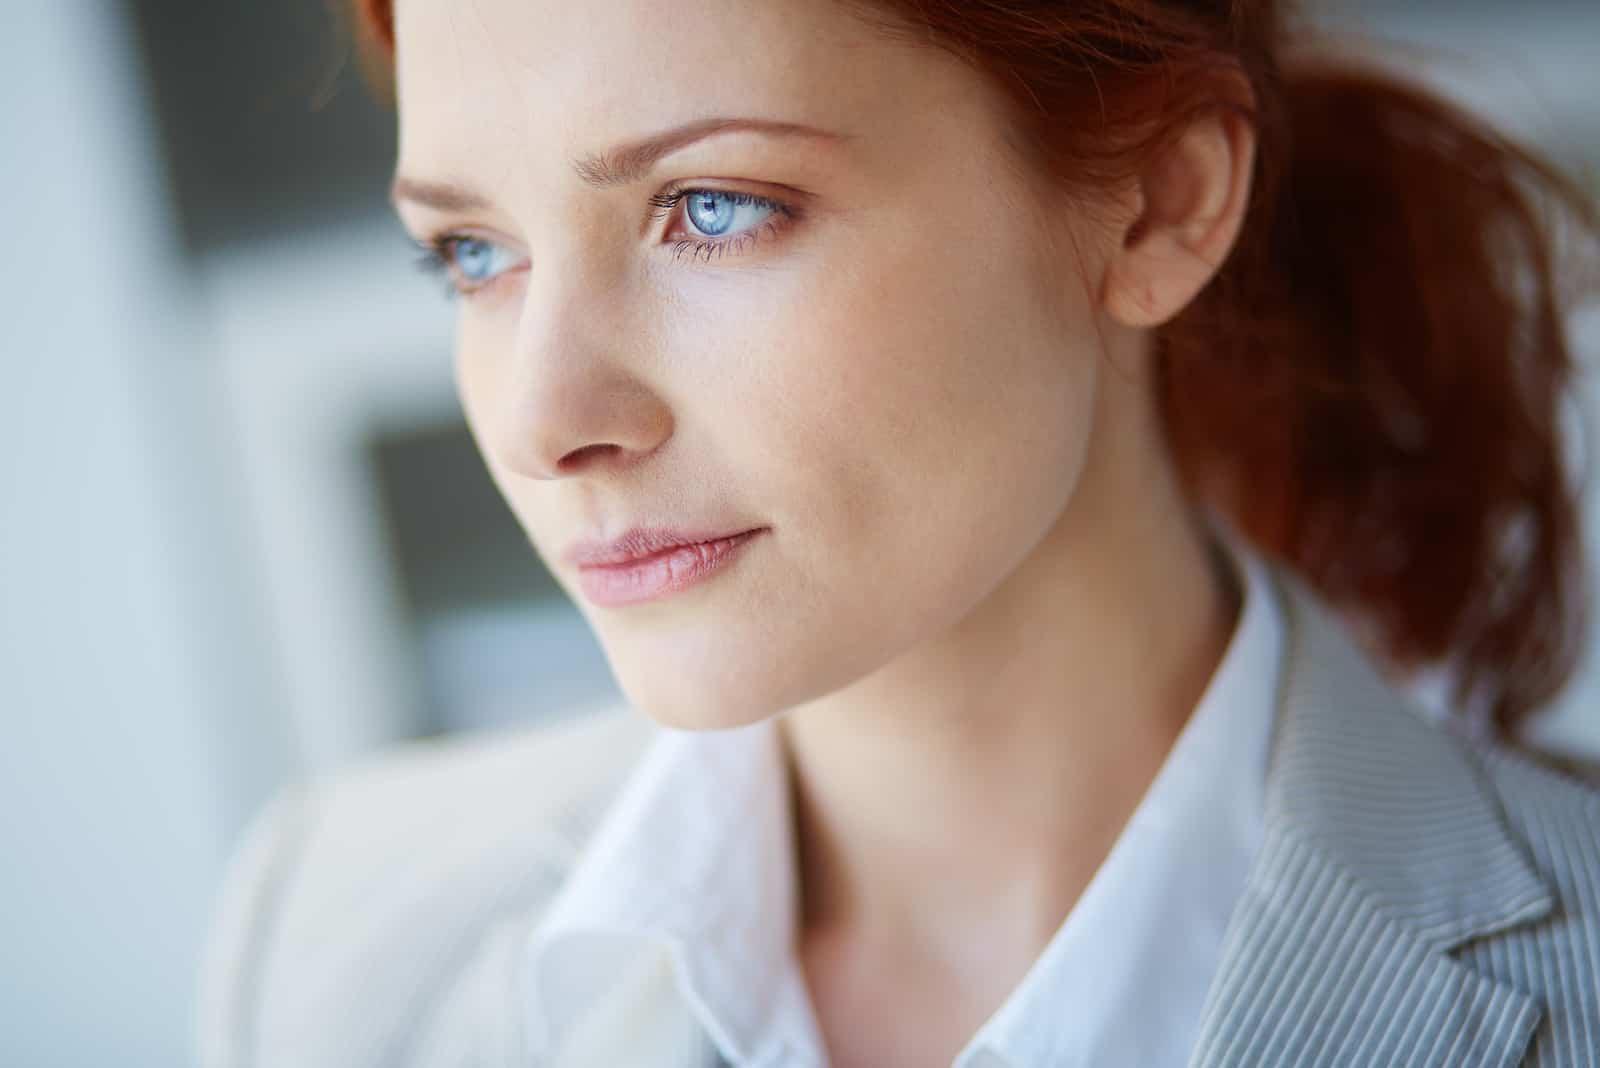 nachdenkliche Frau mit blauen Augen